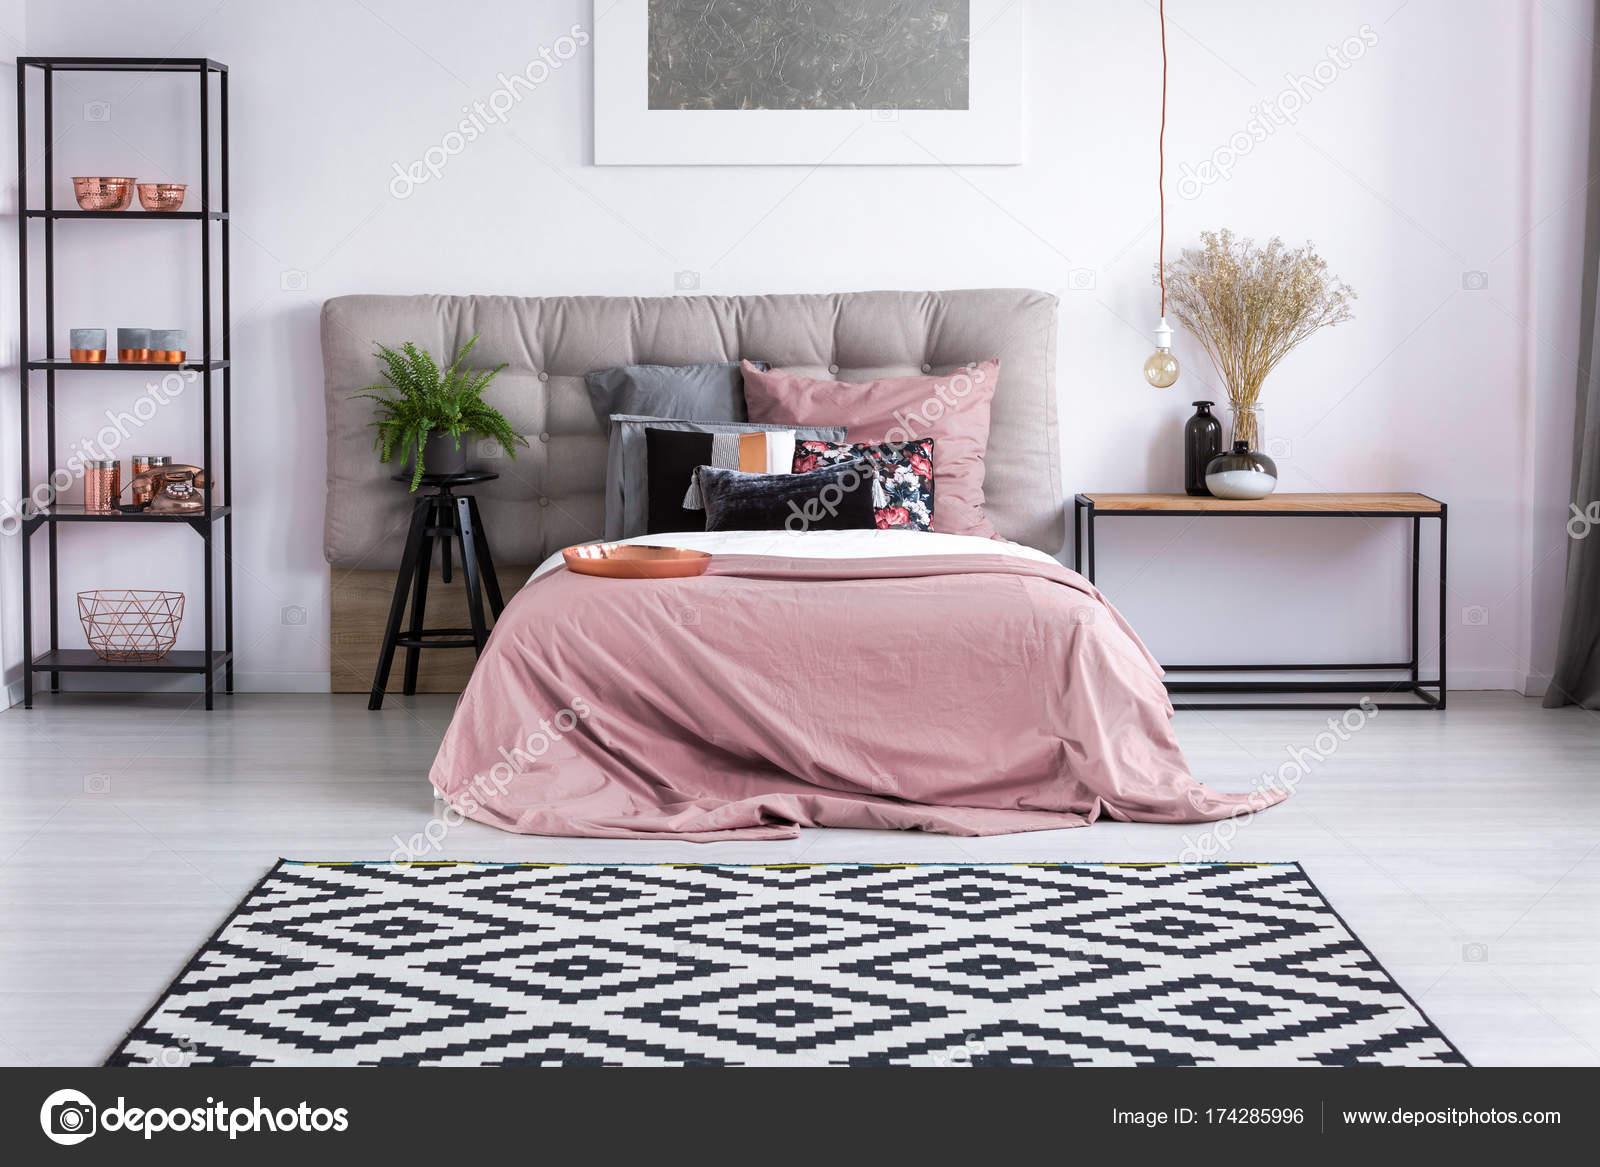 Koperen accessoires in hedendaagse slaapkamer — Stockfoto ...